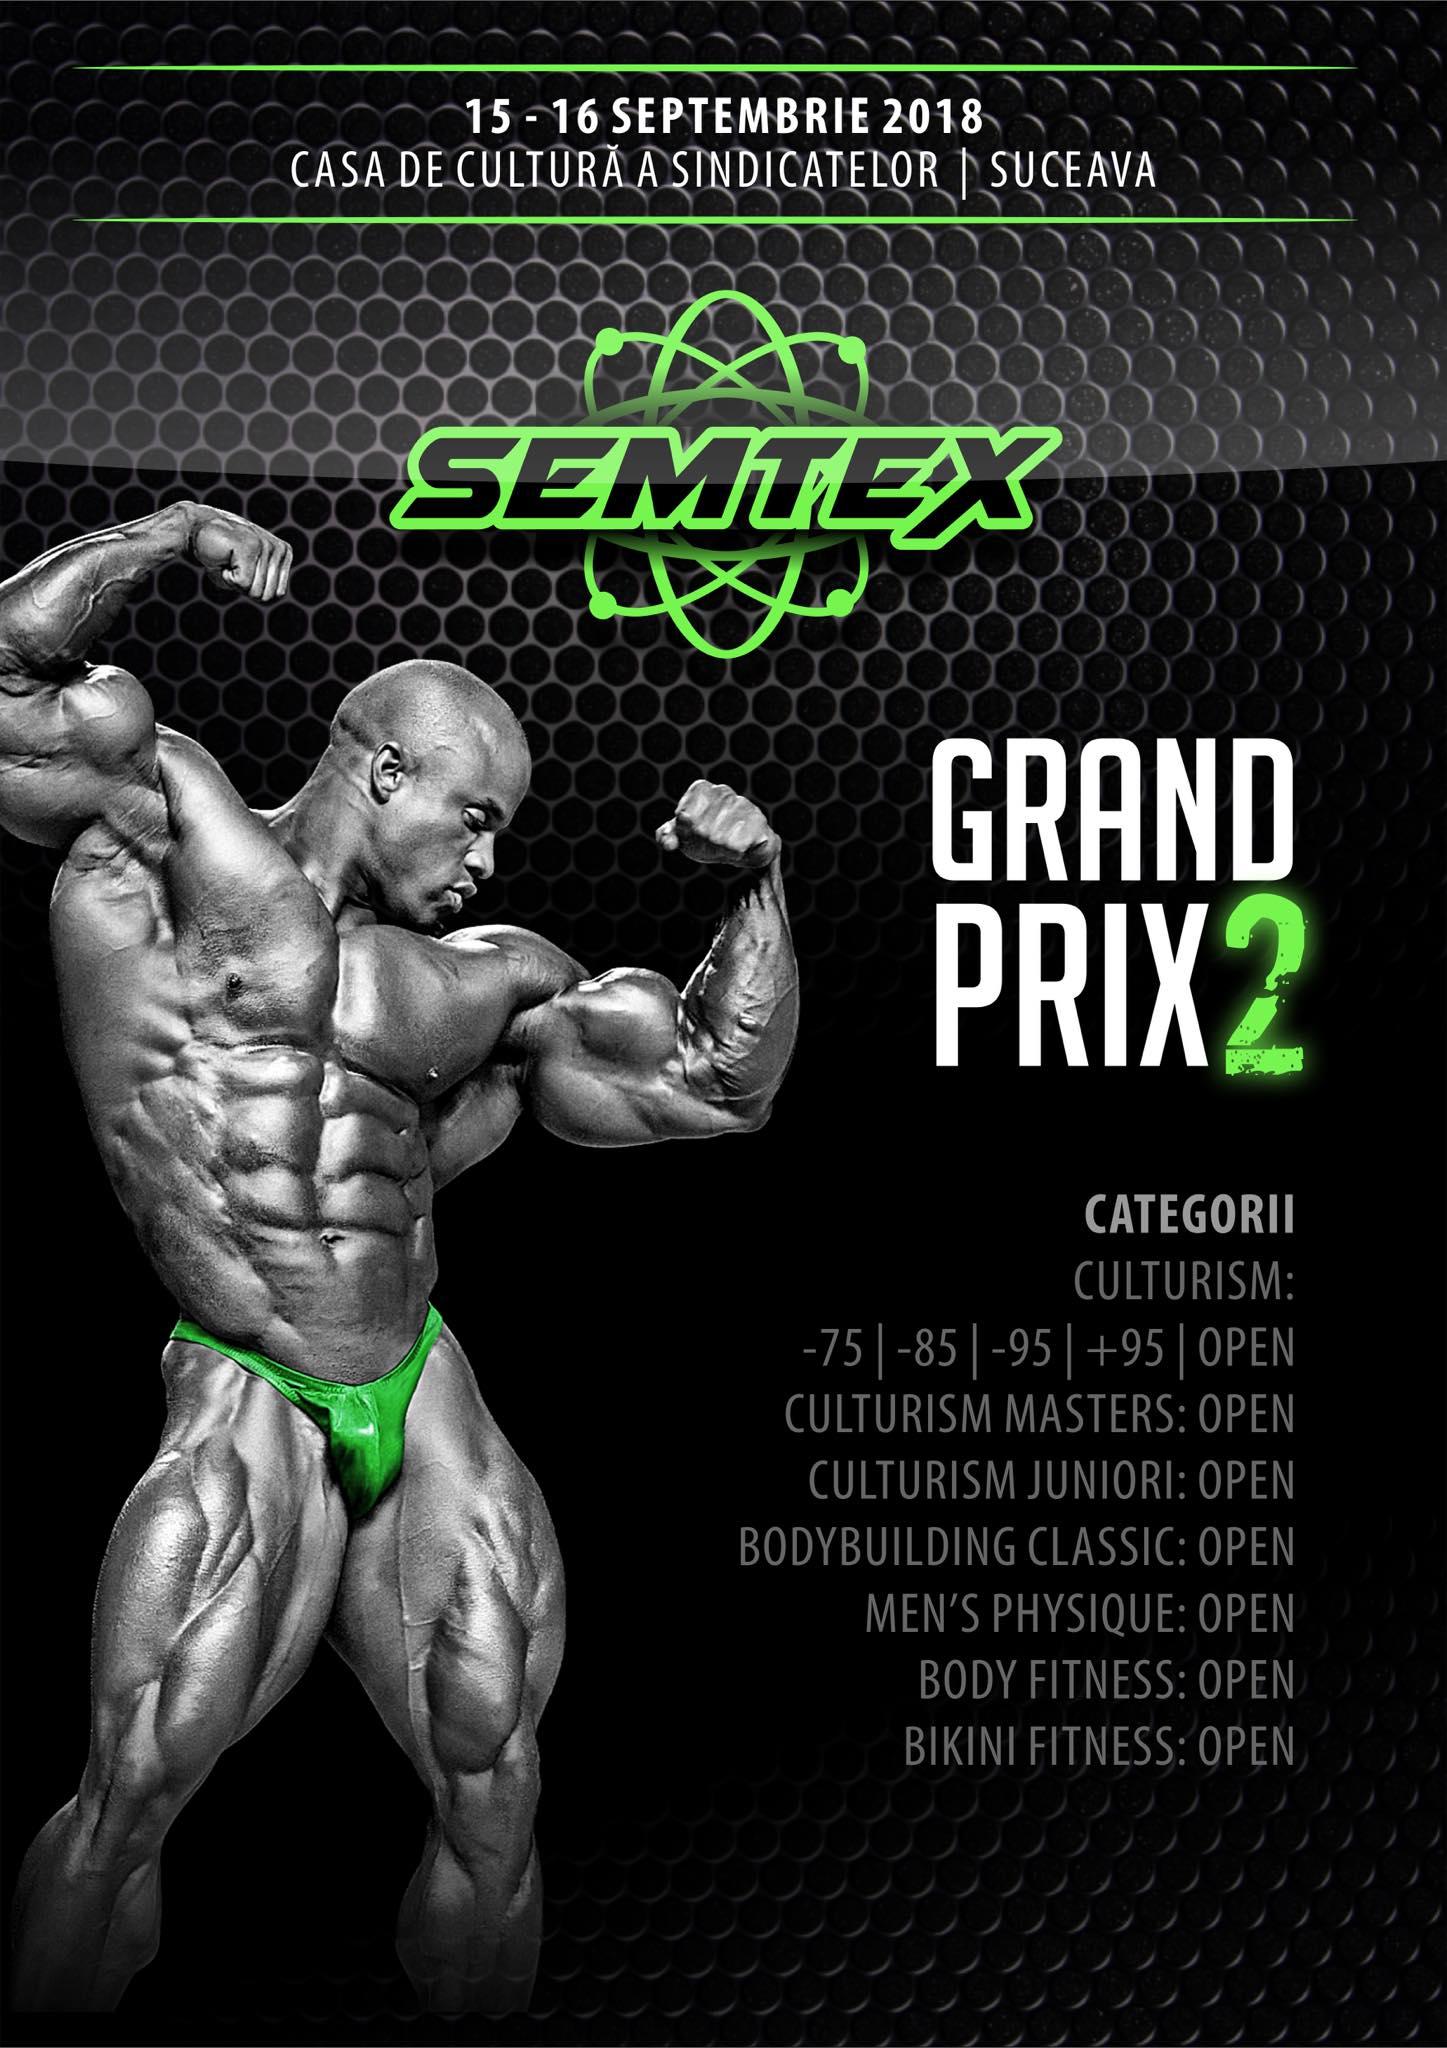 Semtex Grand Prix